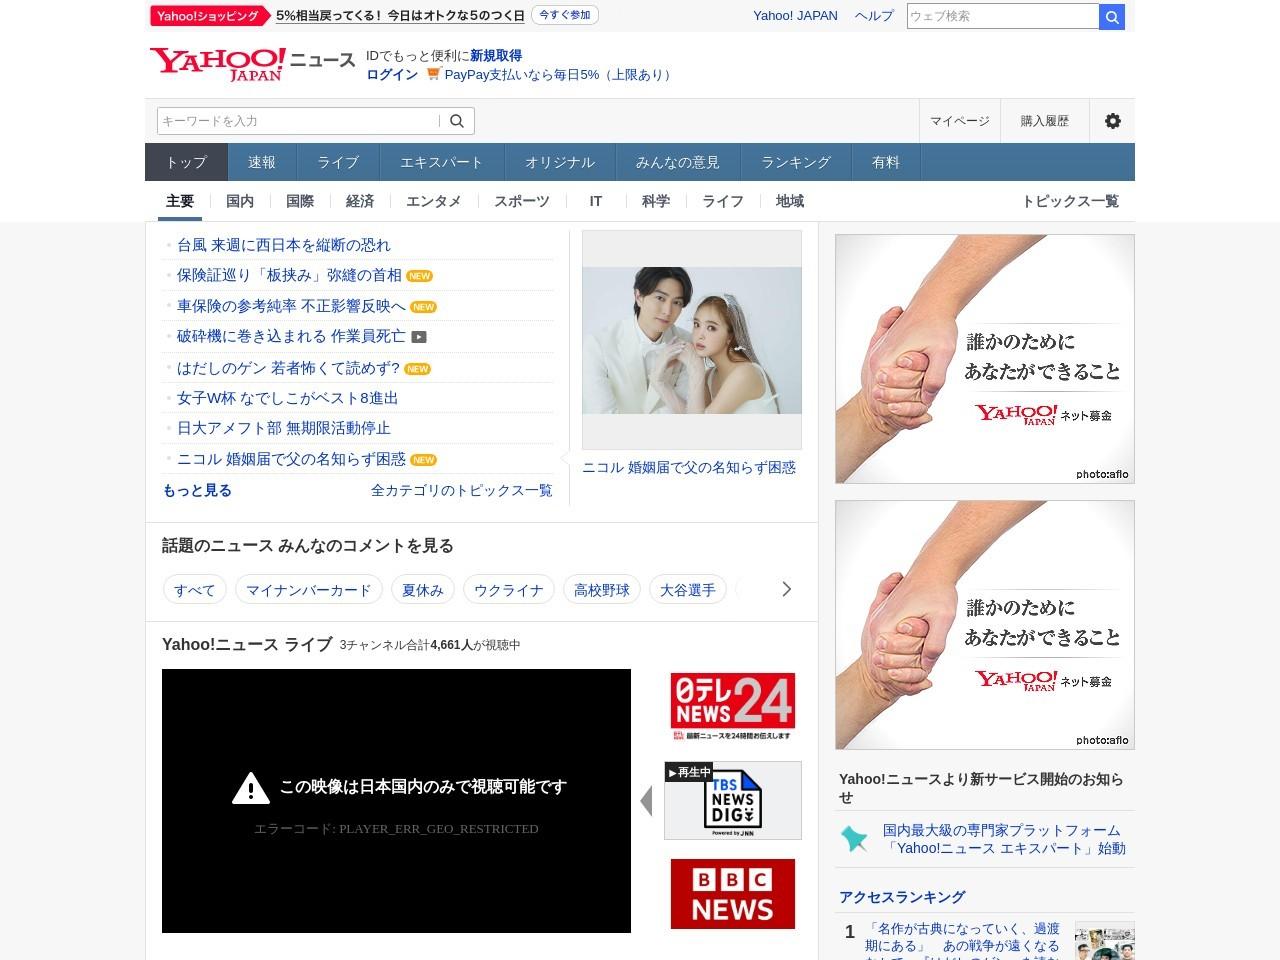 星野源、待望のニューアルバム『POP VIRUS』12月19日発売&5大ドームツアー開催決定